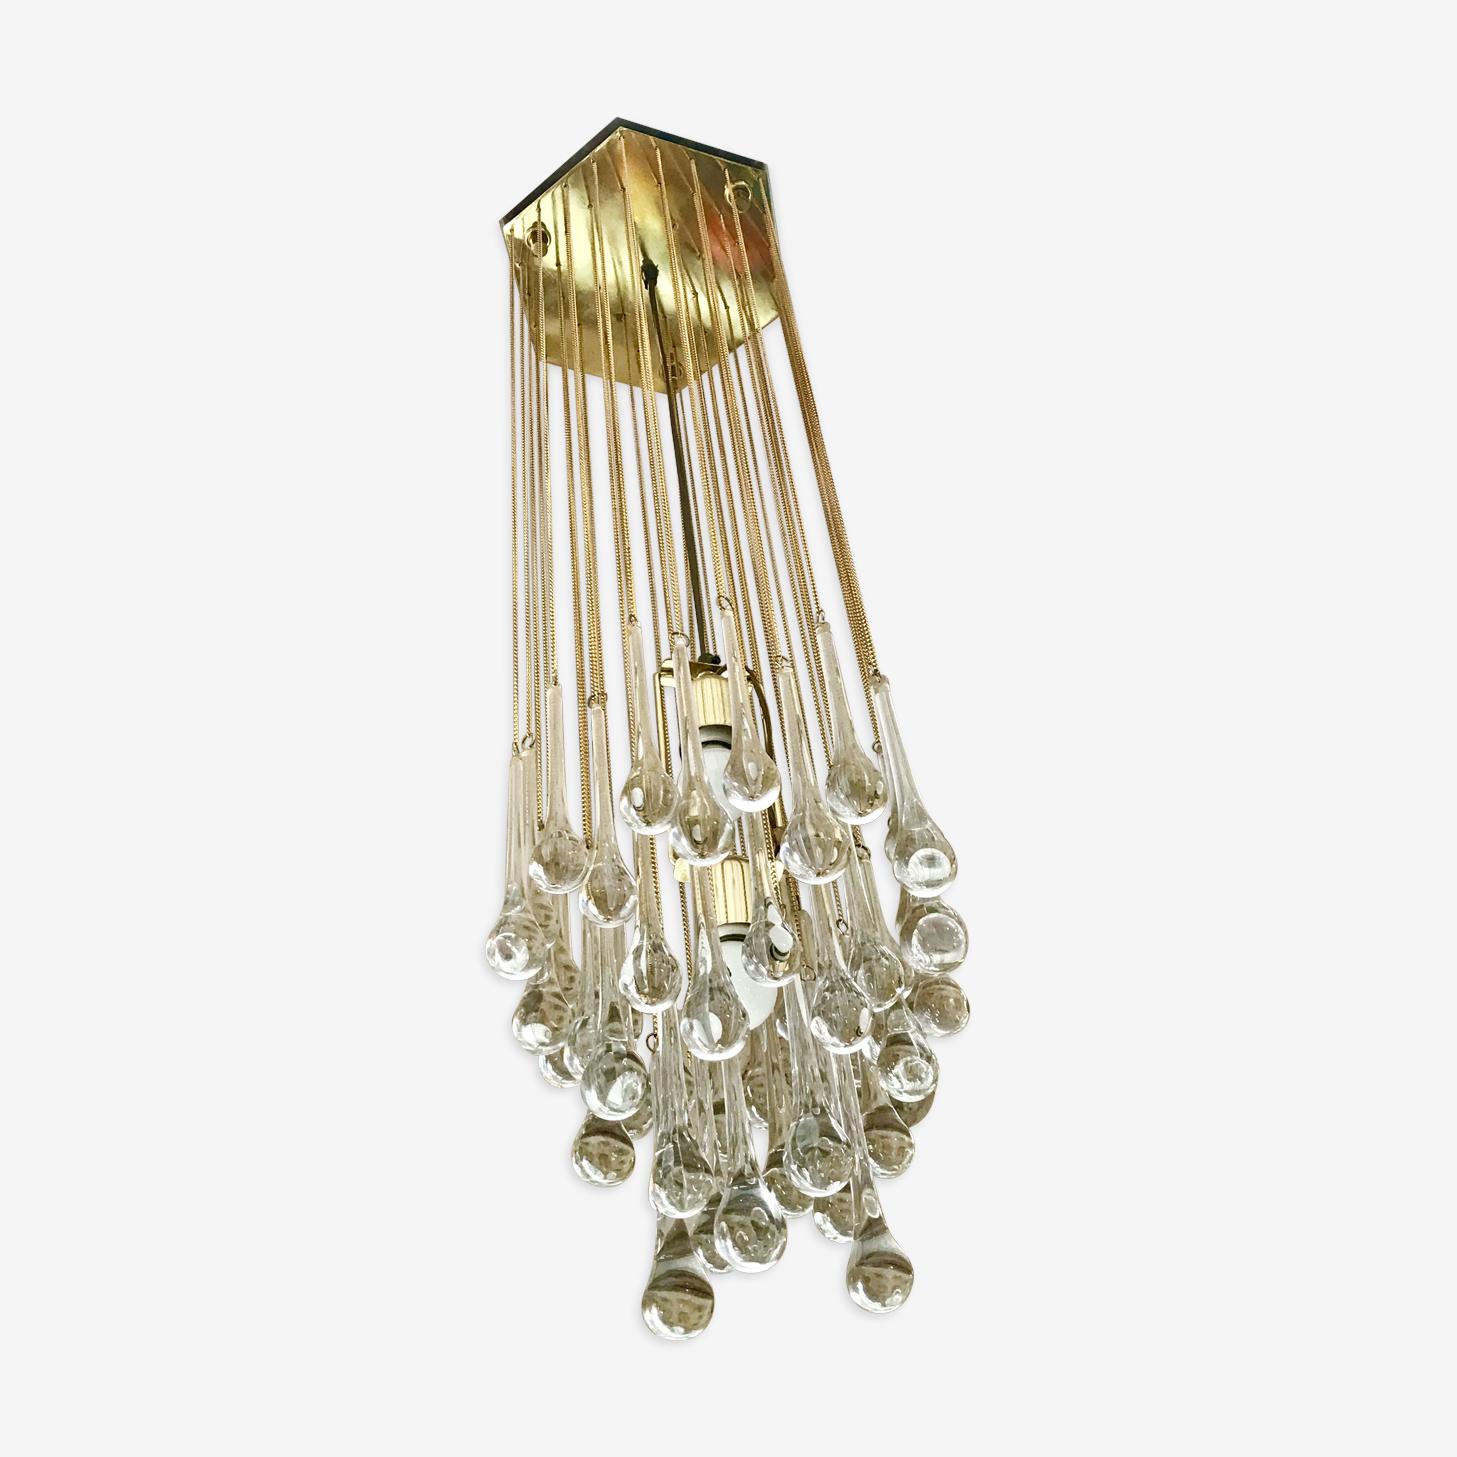 Paolo Venini glass drops chandelier 1960